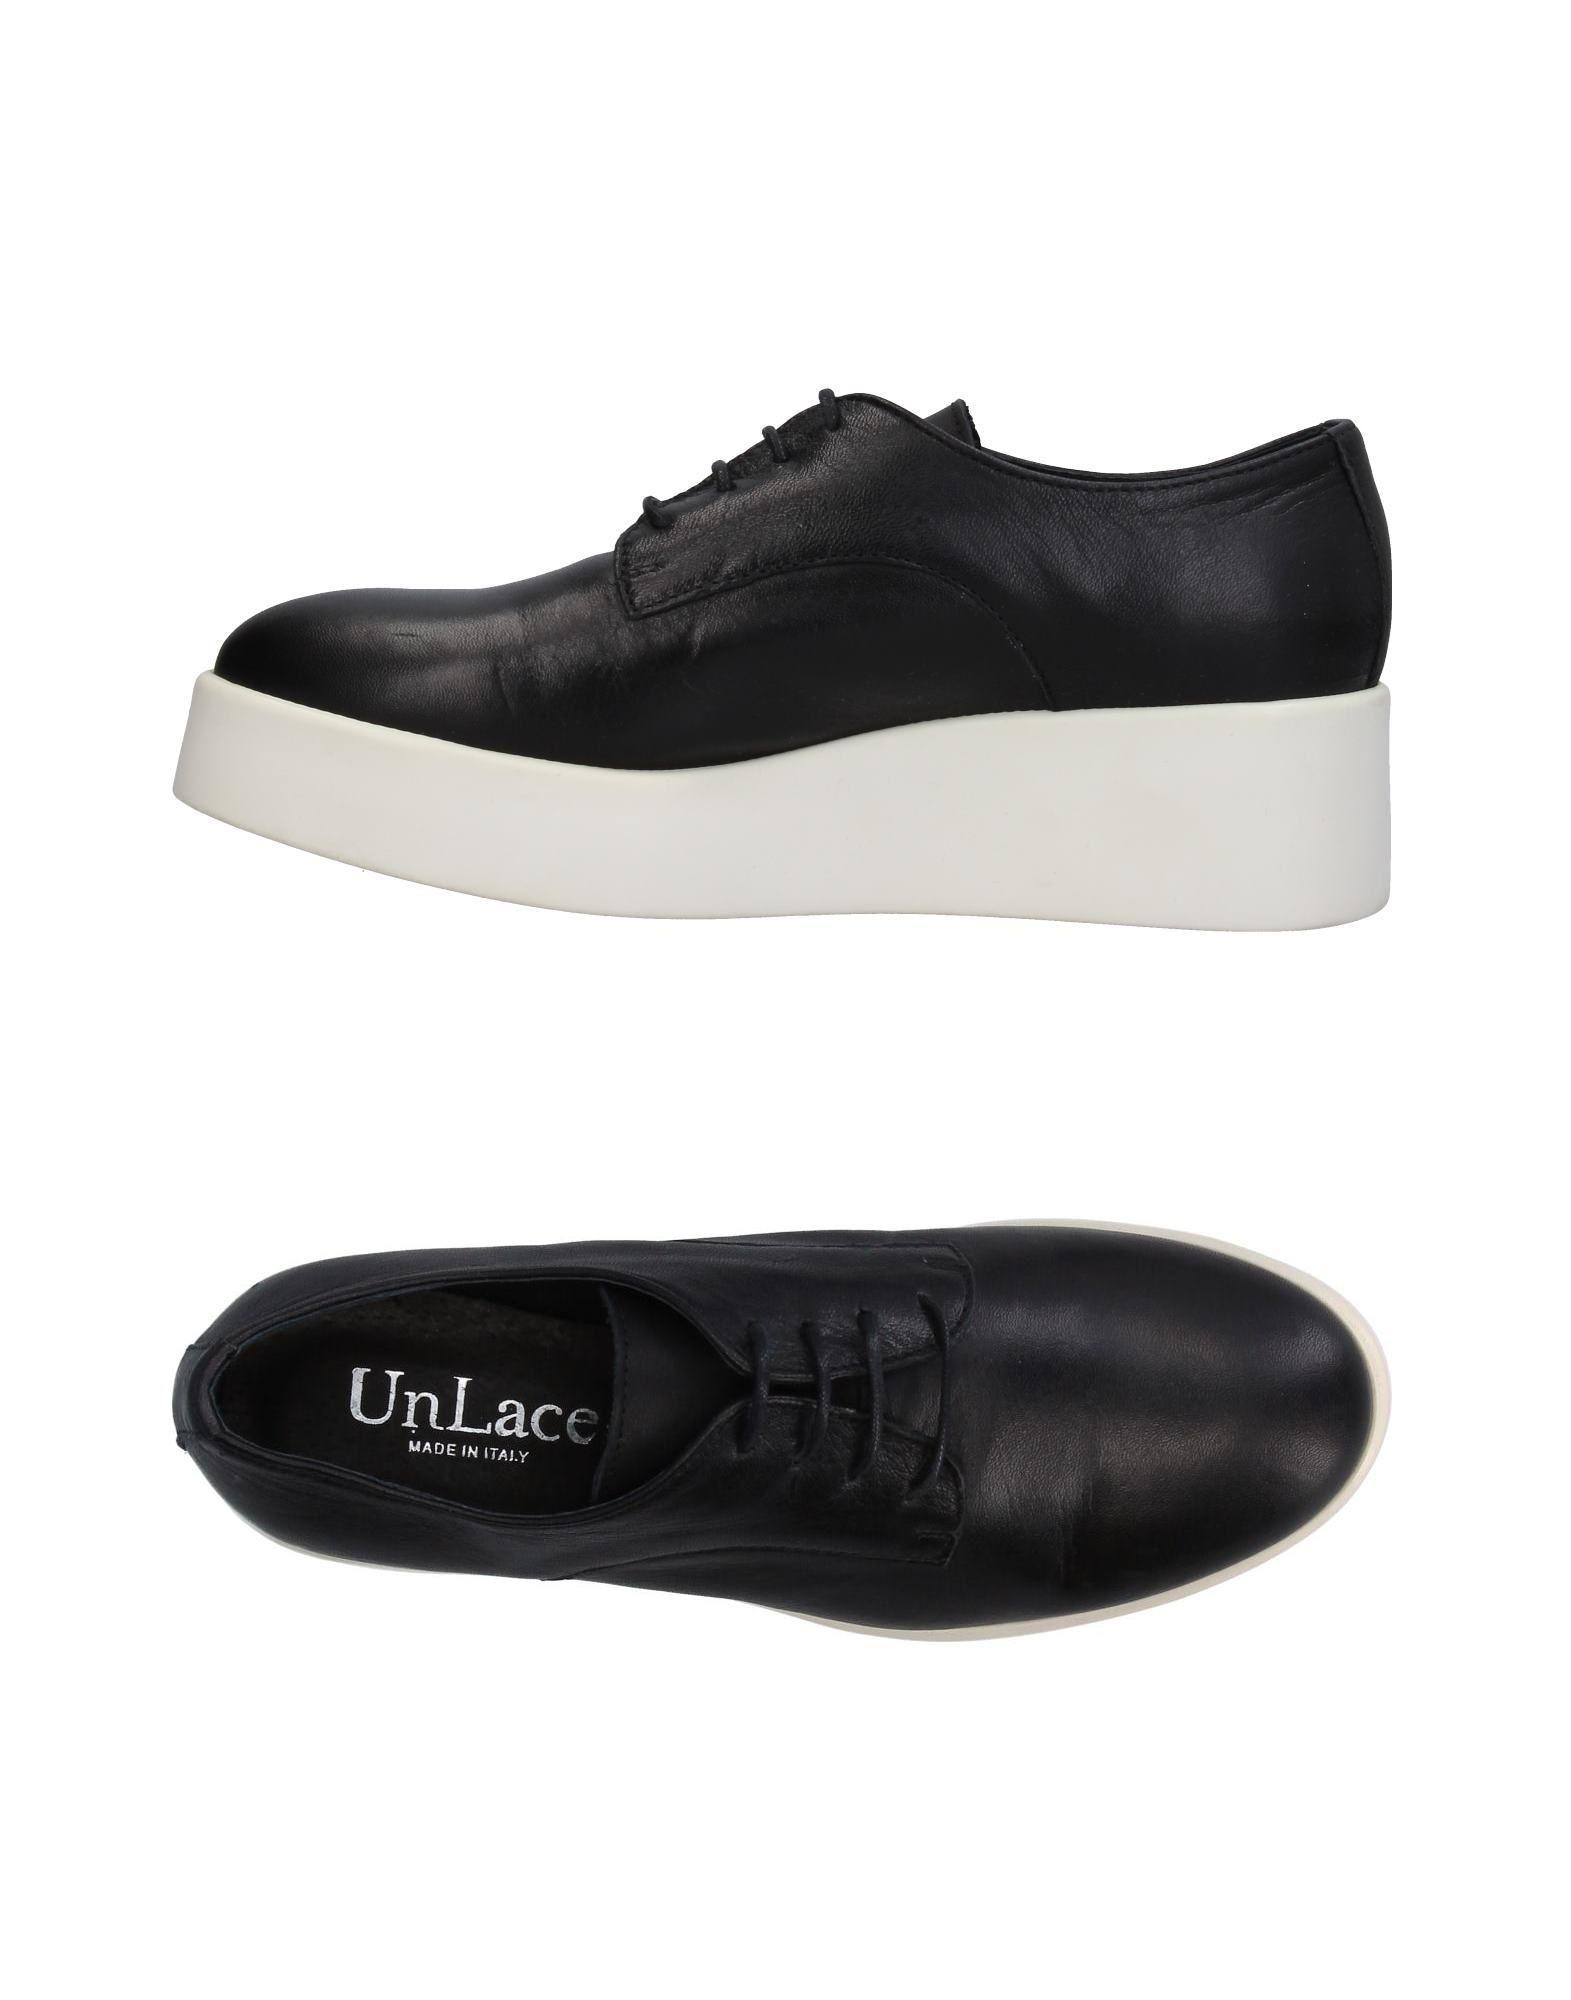 UNLACE Damen Schnürschuh Farbe Schwarz Größe 7 - broschei